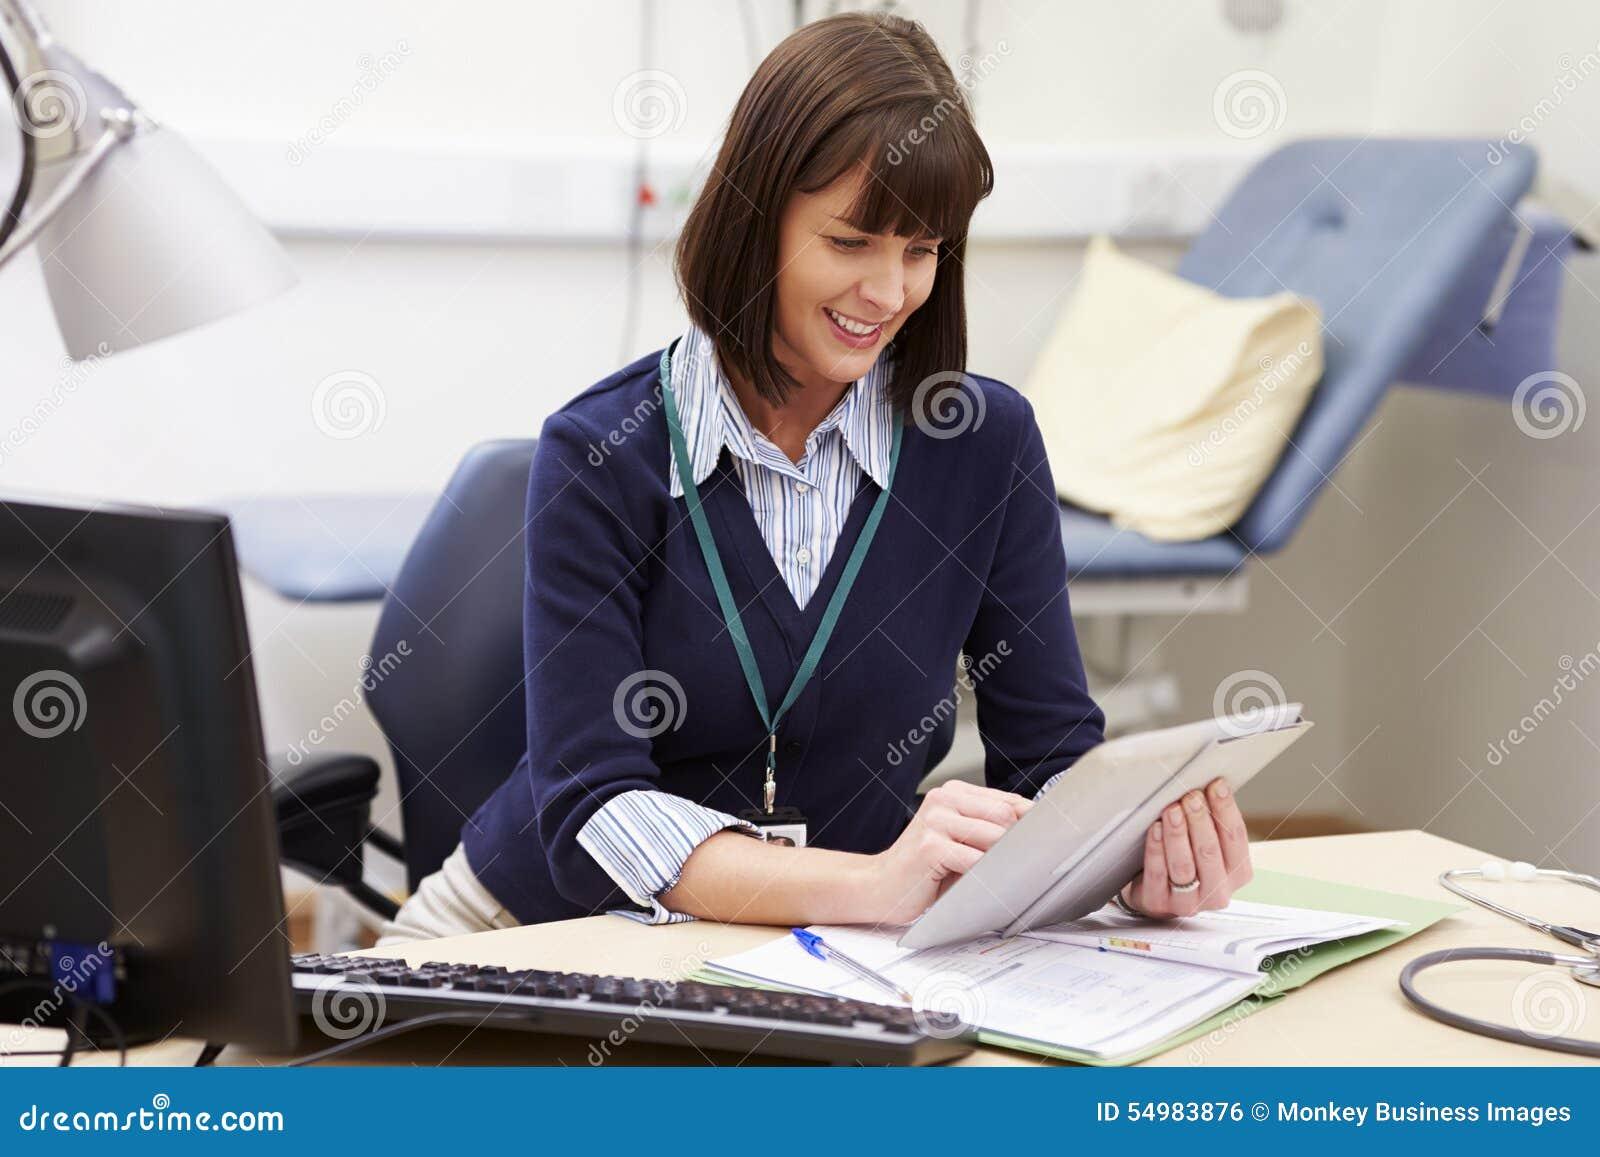 Kvinnlig konsulent Using Digital Tablet på skrivbordet i regeringsställning